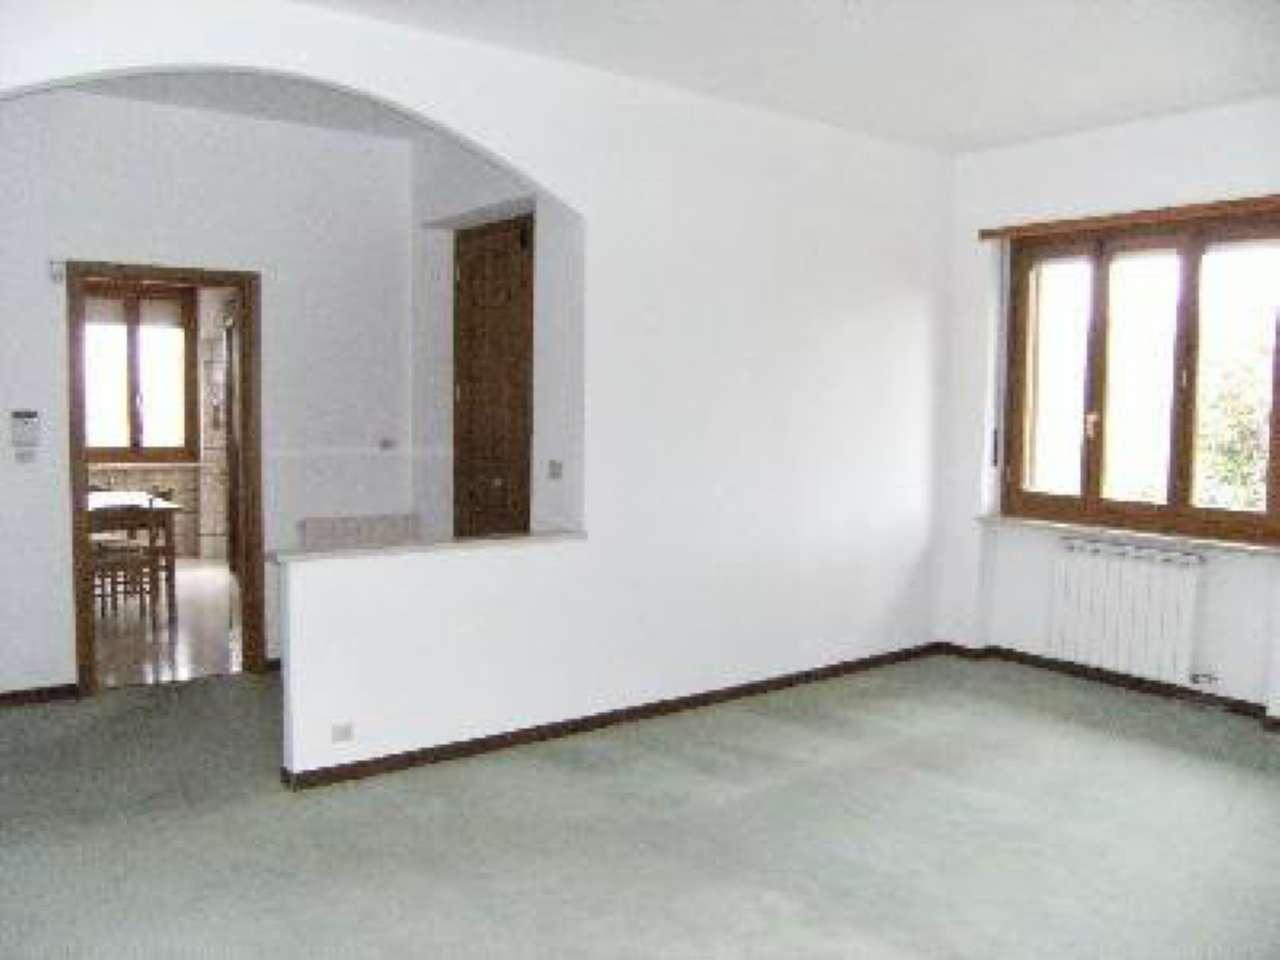 Villa in affitto a Baldissero Torinese, 6 locali, prezzo € 1.200 | CambioCasa.it